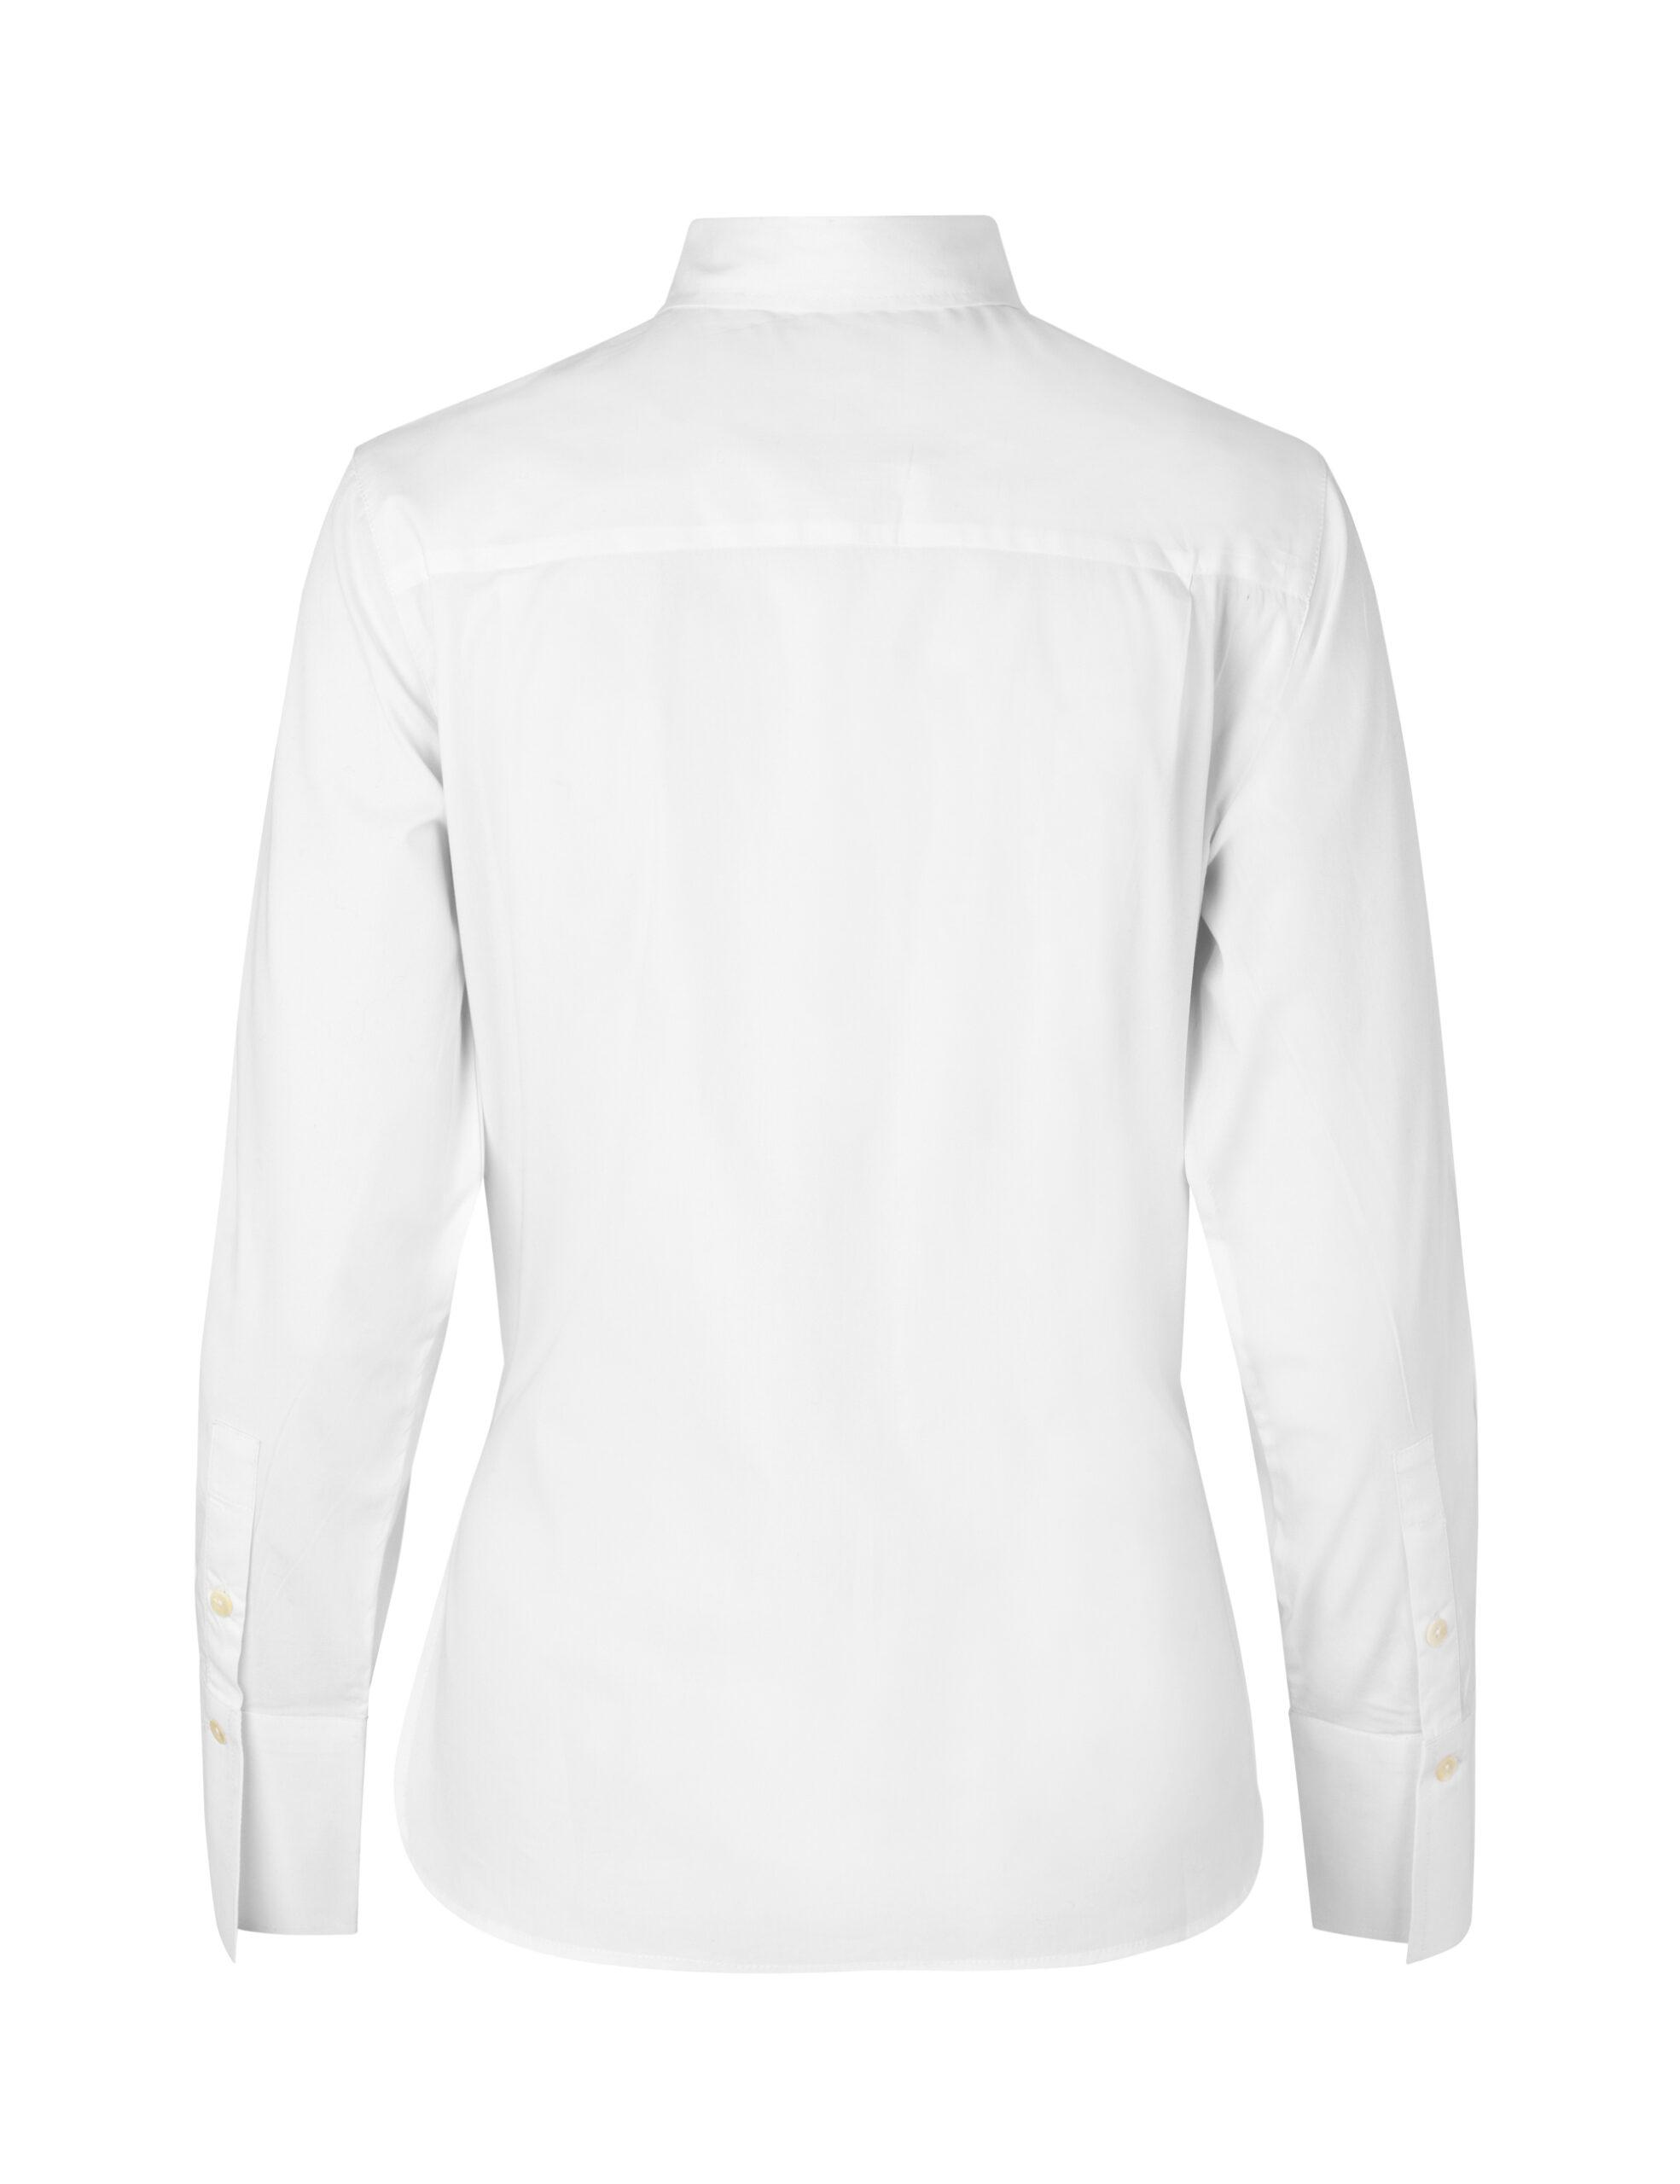 ALFI – White